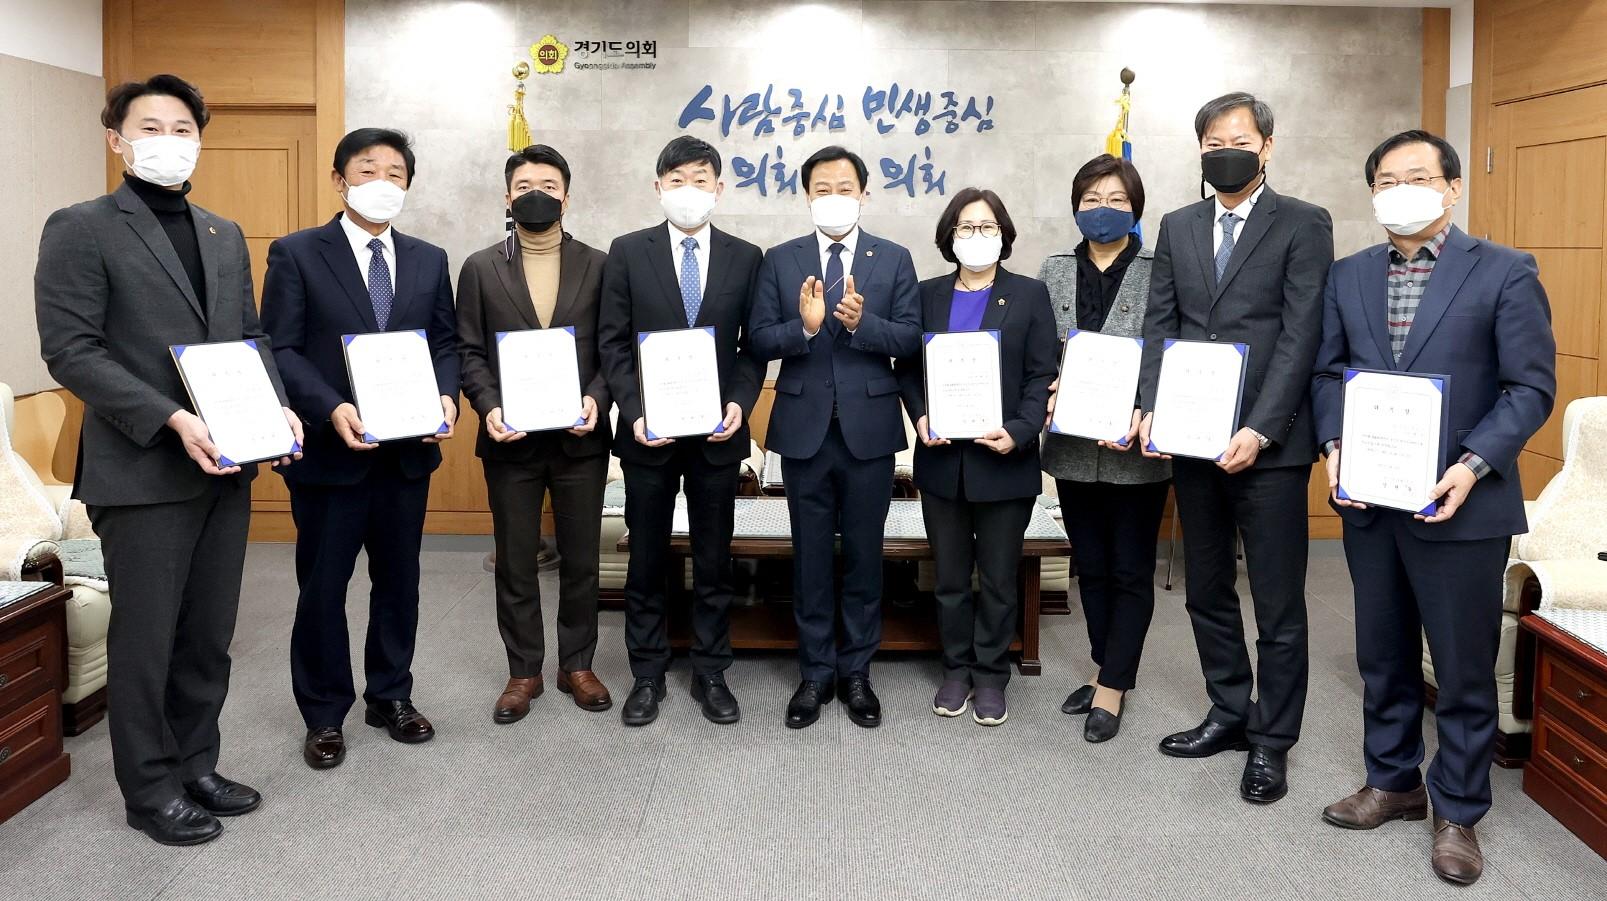 장현국 의장, 2020 회계연도 결산검사위원 10명 위촉